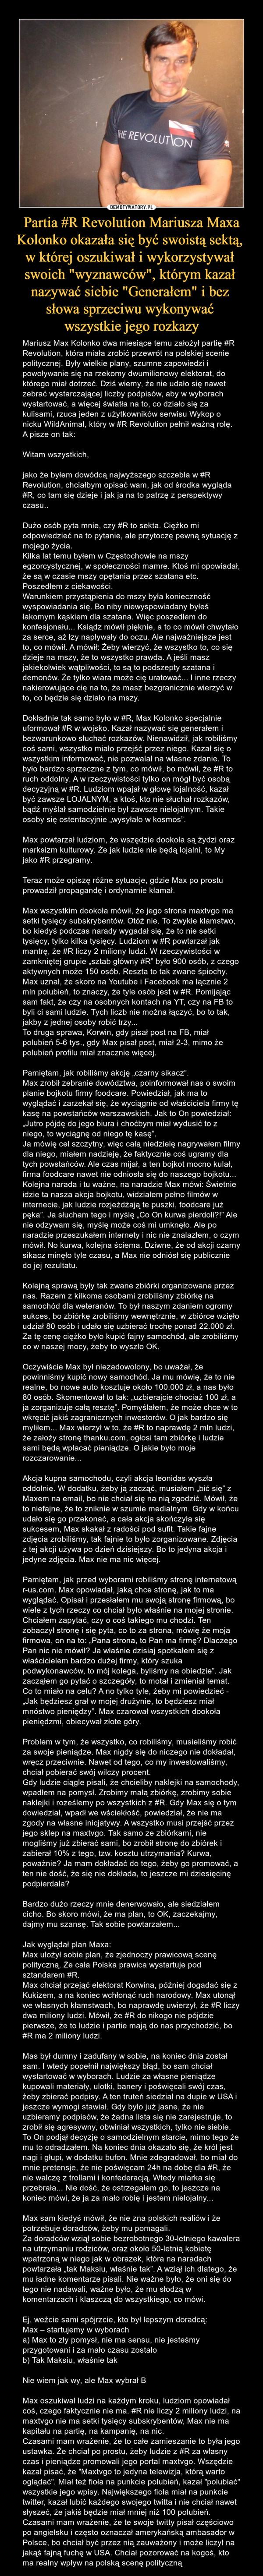 """Partia #R Revolution Mariusza Maxa Kolonko okazała się być swoistą sektą, w której oszukiwał i wykorzystywał swoich """"wyznawców"""", którym kazał nazywać siebie """"Generałem"""" i bez słowa sprzeciwu wykonywać wszystkie jego rozkazy – Mariusz Max Kolonko dwa miesiące temu założył partię #R Revolution, która miała zrobić przewrót na polskiej scenie politycznej. Były wielkie plany, szumne zapowiedzi i powoływanie się na rzekomy dwumilionowy elektorat, do którego miał dotrzeć. Dziś wiemy, że nie udało się nawet zebrać wystarczającej liczby podpisów, aby w wyborach wystartować, a więcej światła na to, co działo się za kulisami, rzuca jeden z użytkowników serwisu Wykop o nicku WildAnimal, który w #R Revolution pełnił ważną rolę. A pisze on tak:Witam wszystkich,jako że byłem dowódcą najwyższego szczebla w #R Revolution, chciałbym opisać wam, jak od środka wygląda #R, co tam się dzieje i jak ja na to patrzę z perspektywy czasu..Dużo osób pyta mnie, czy #R to sekta. Ciężko mi odpowiedzieć na to pytanie, ale przytoczę pewną sytuację z mojego życia.Kilka lat temu byłem w Częstochowie na mszy egzorcystycznej, w społeczności mamre. Ktoś mi opowiadał, że są w czasie mszy opętania przez szatana etc. Poszedłem z ciekawości.Warunkiem przystąpienia do mszy była konieczność wyspowiadania się. Bo niby niewyspowiadany byłeś łakomym kąskiem dla szatana. Więc poszedłem do konfesjonału... Ksiądz mówił pięknie, a to co mówił chwytało za serce, aż łzy napływały do oczu. Ale najważniejsze jest to, co mówił. A mówił: Żeby wierzyć, że wszystko to, co się dzieje na mszy, że to wszystko prawda. A jeśli masz jakiekolwiek wątpliwości, to są to podszepty szatana i demonów. Że tylko wiara może cię uratować... I inne rzeczy nakierowujące cię na to, że masz bezgranicznie wierzyć w to, co będzie się działo na mszy.Dokładnie tak samo było w #R, Max Kolonko specjalnie uformował #R w wojsko. Kazał nazywać się generałem i bezwarunkowo słuchać rozkazów. Nienawidził, jak robiliśmy coś sami, wszystko miało przejść prz"""